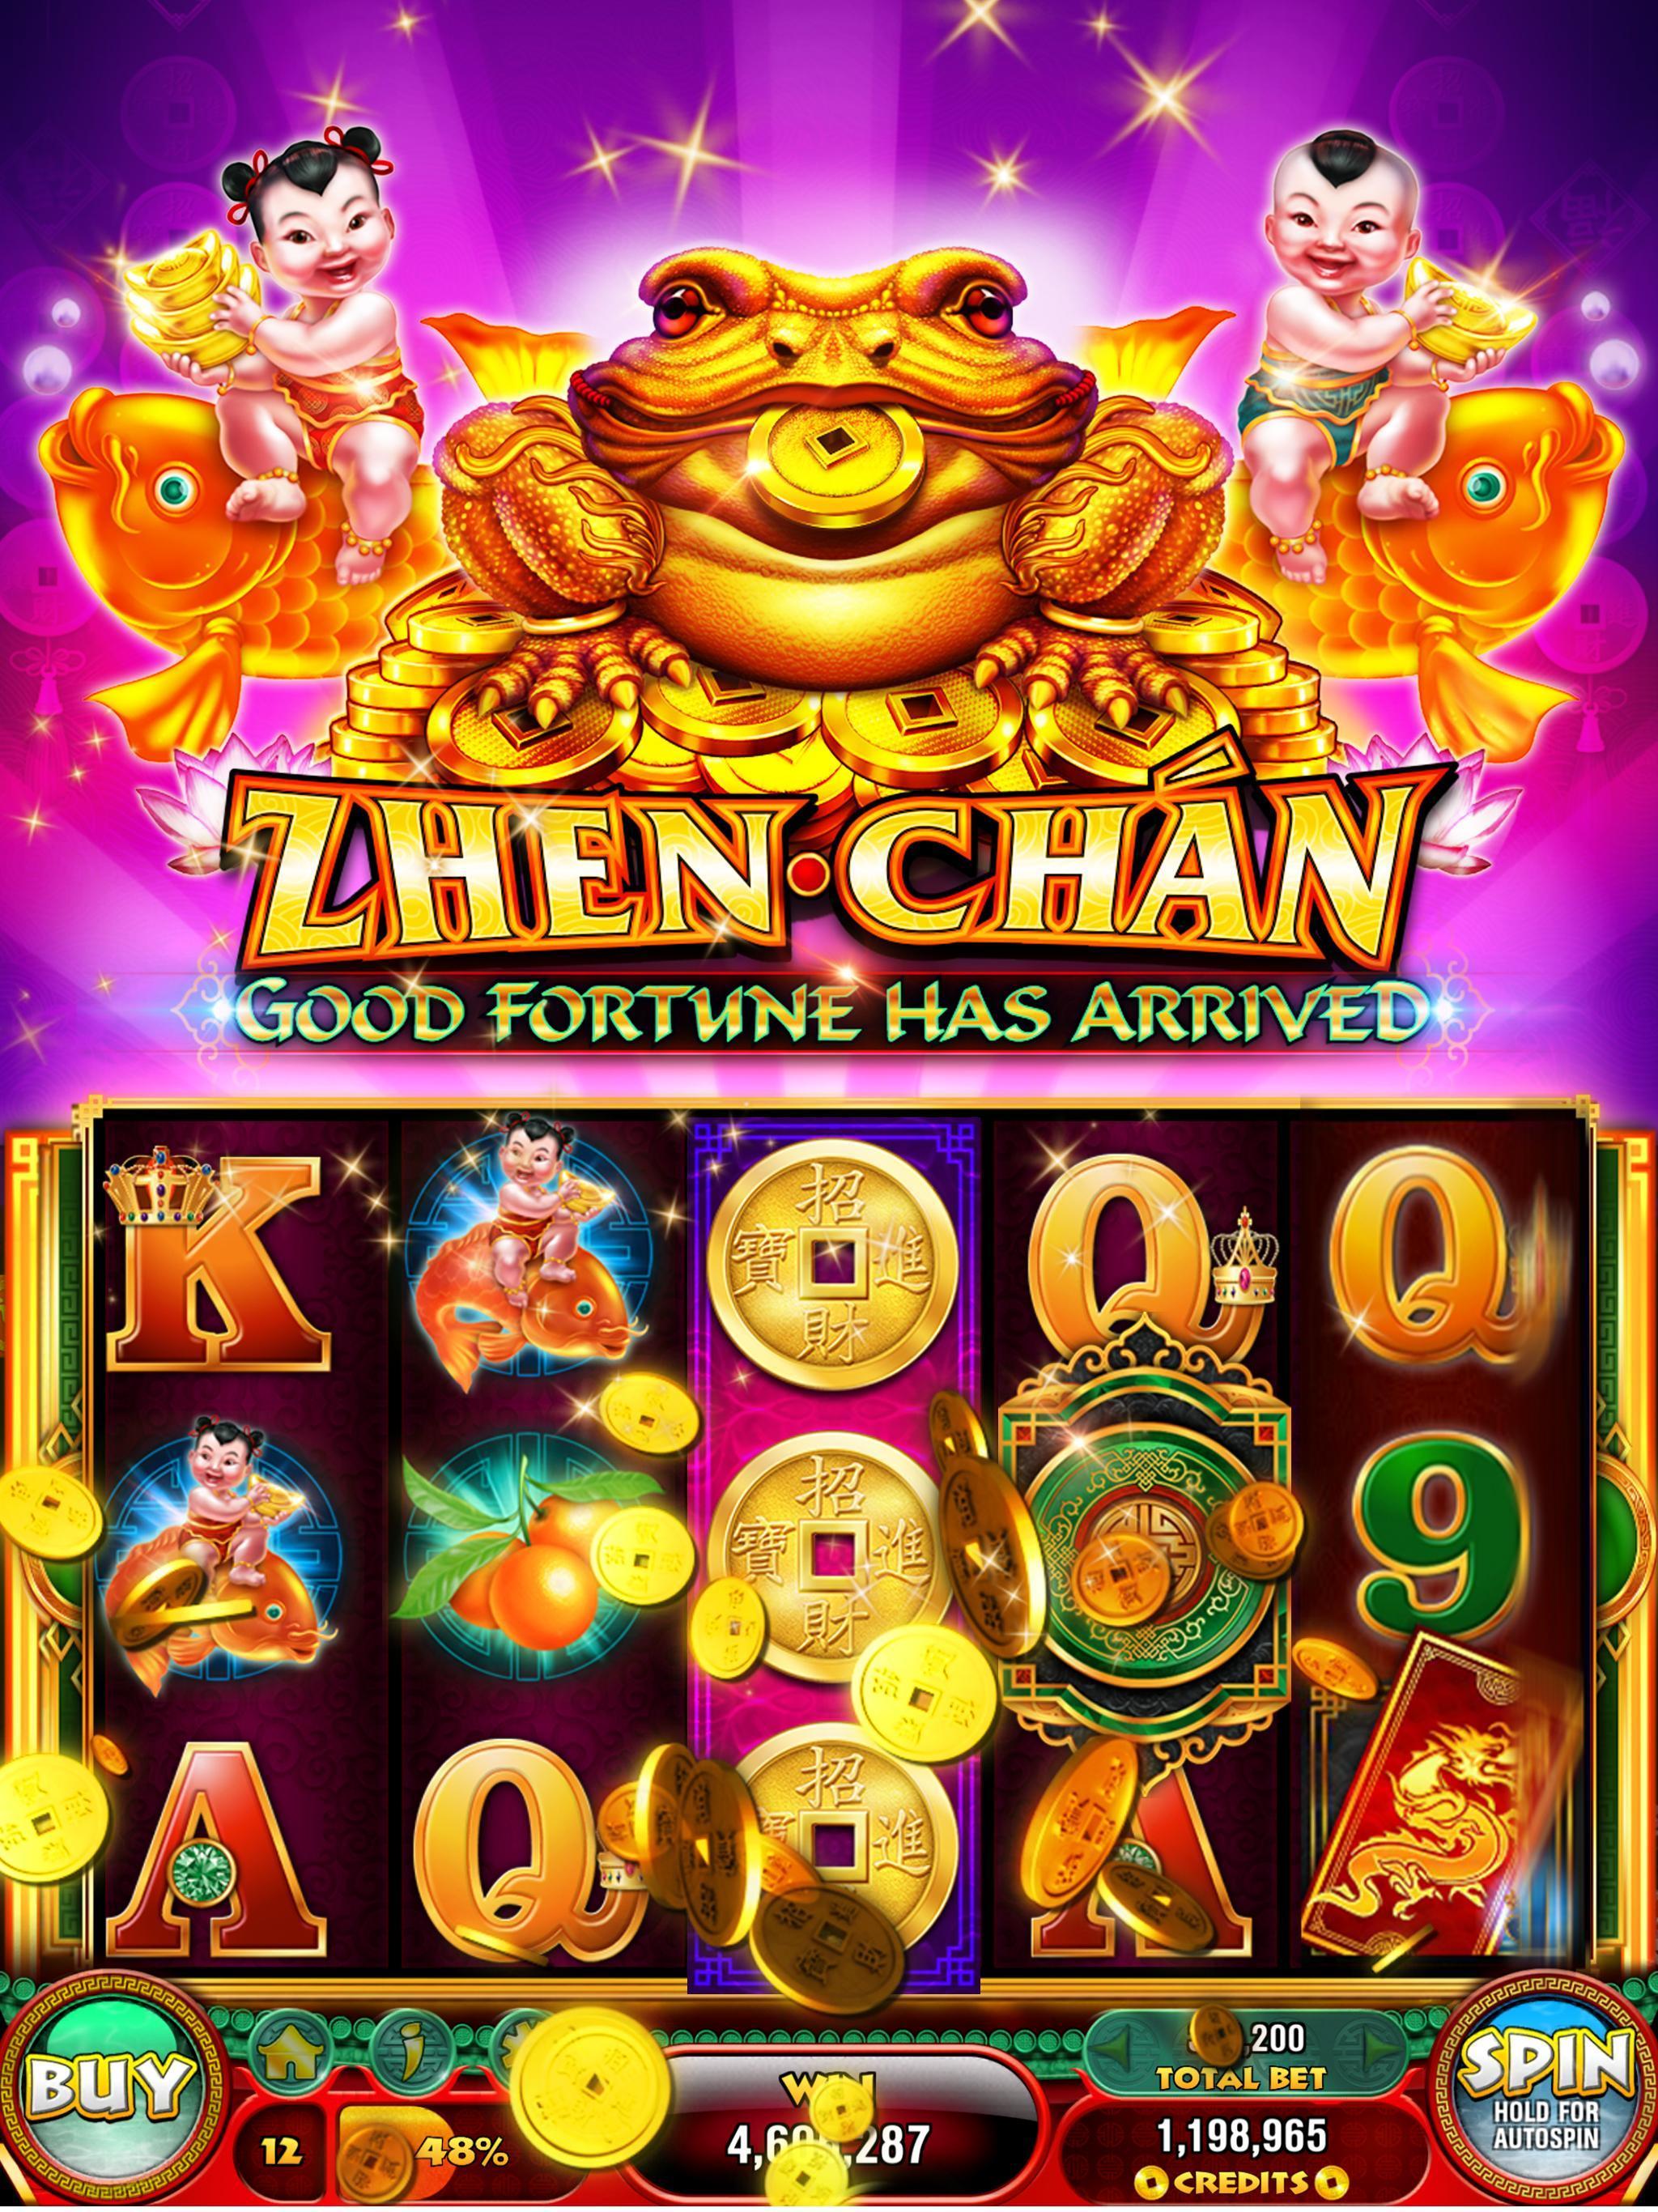 88 Fortunes Casino Games & Free Slot Machines 3.2.38 Screenshot 8